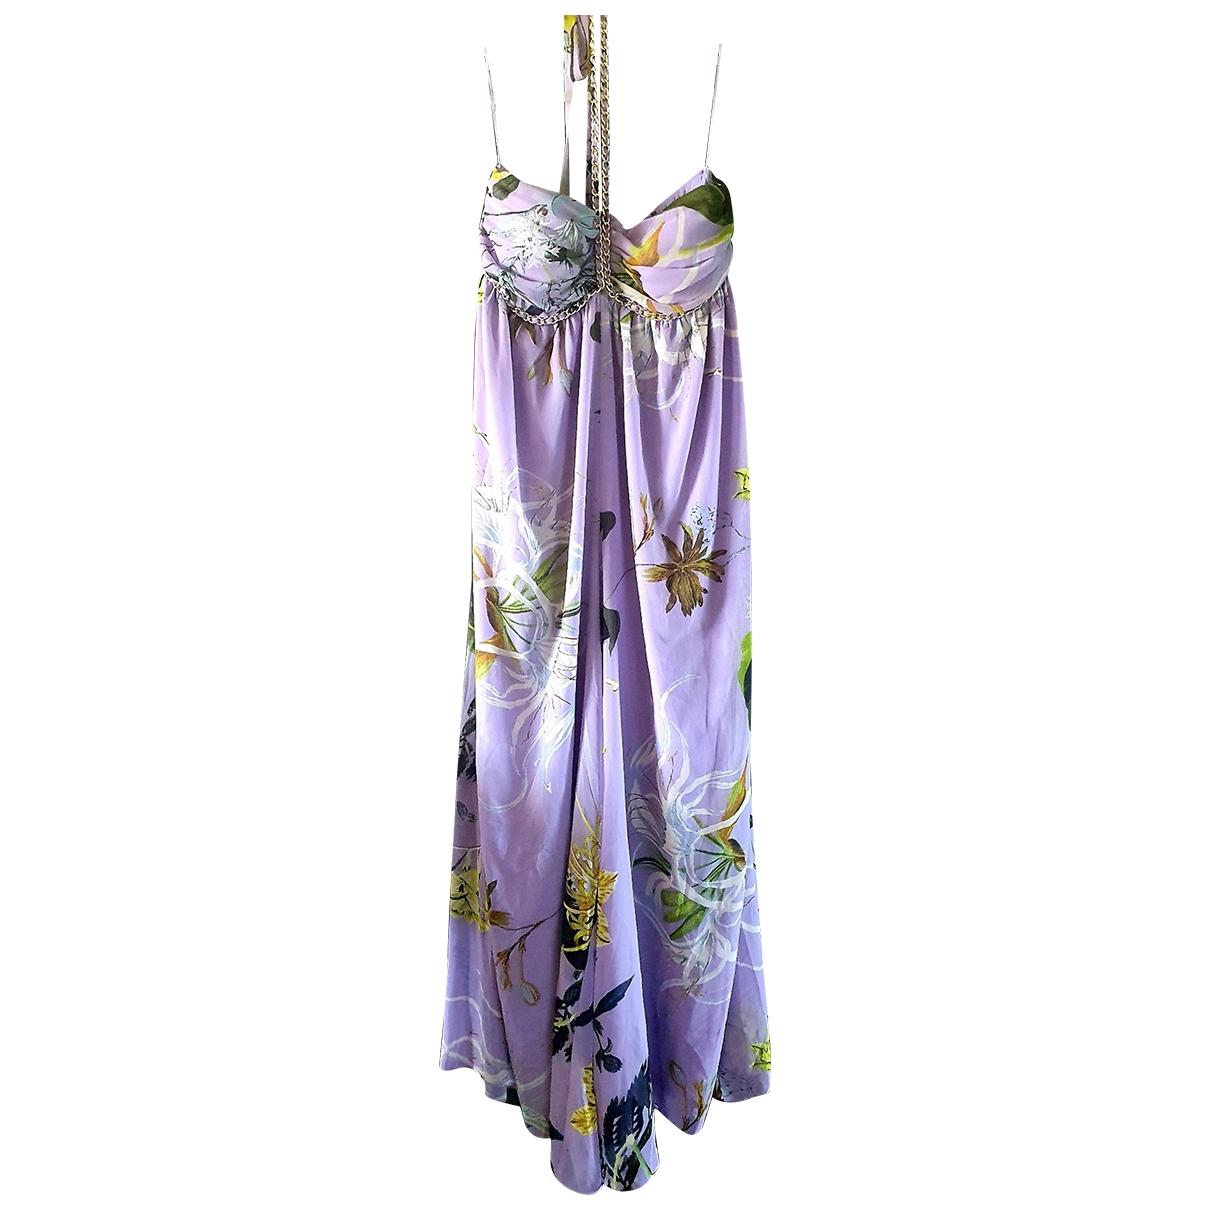 Guess - Robe   pour femme - violet